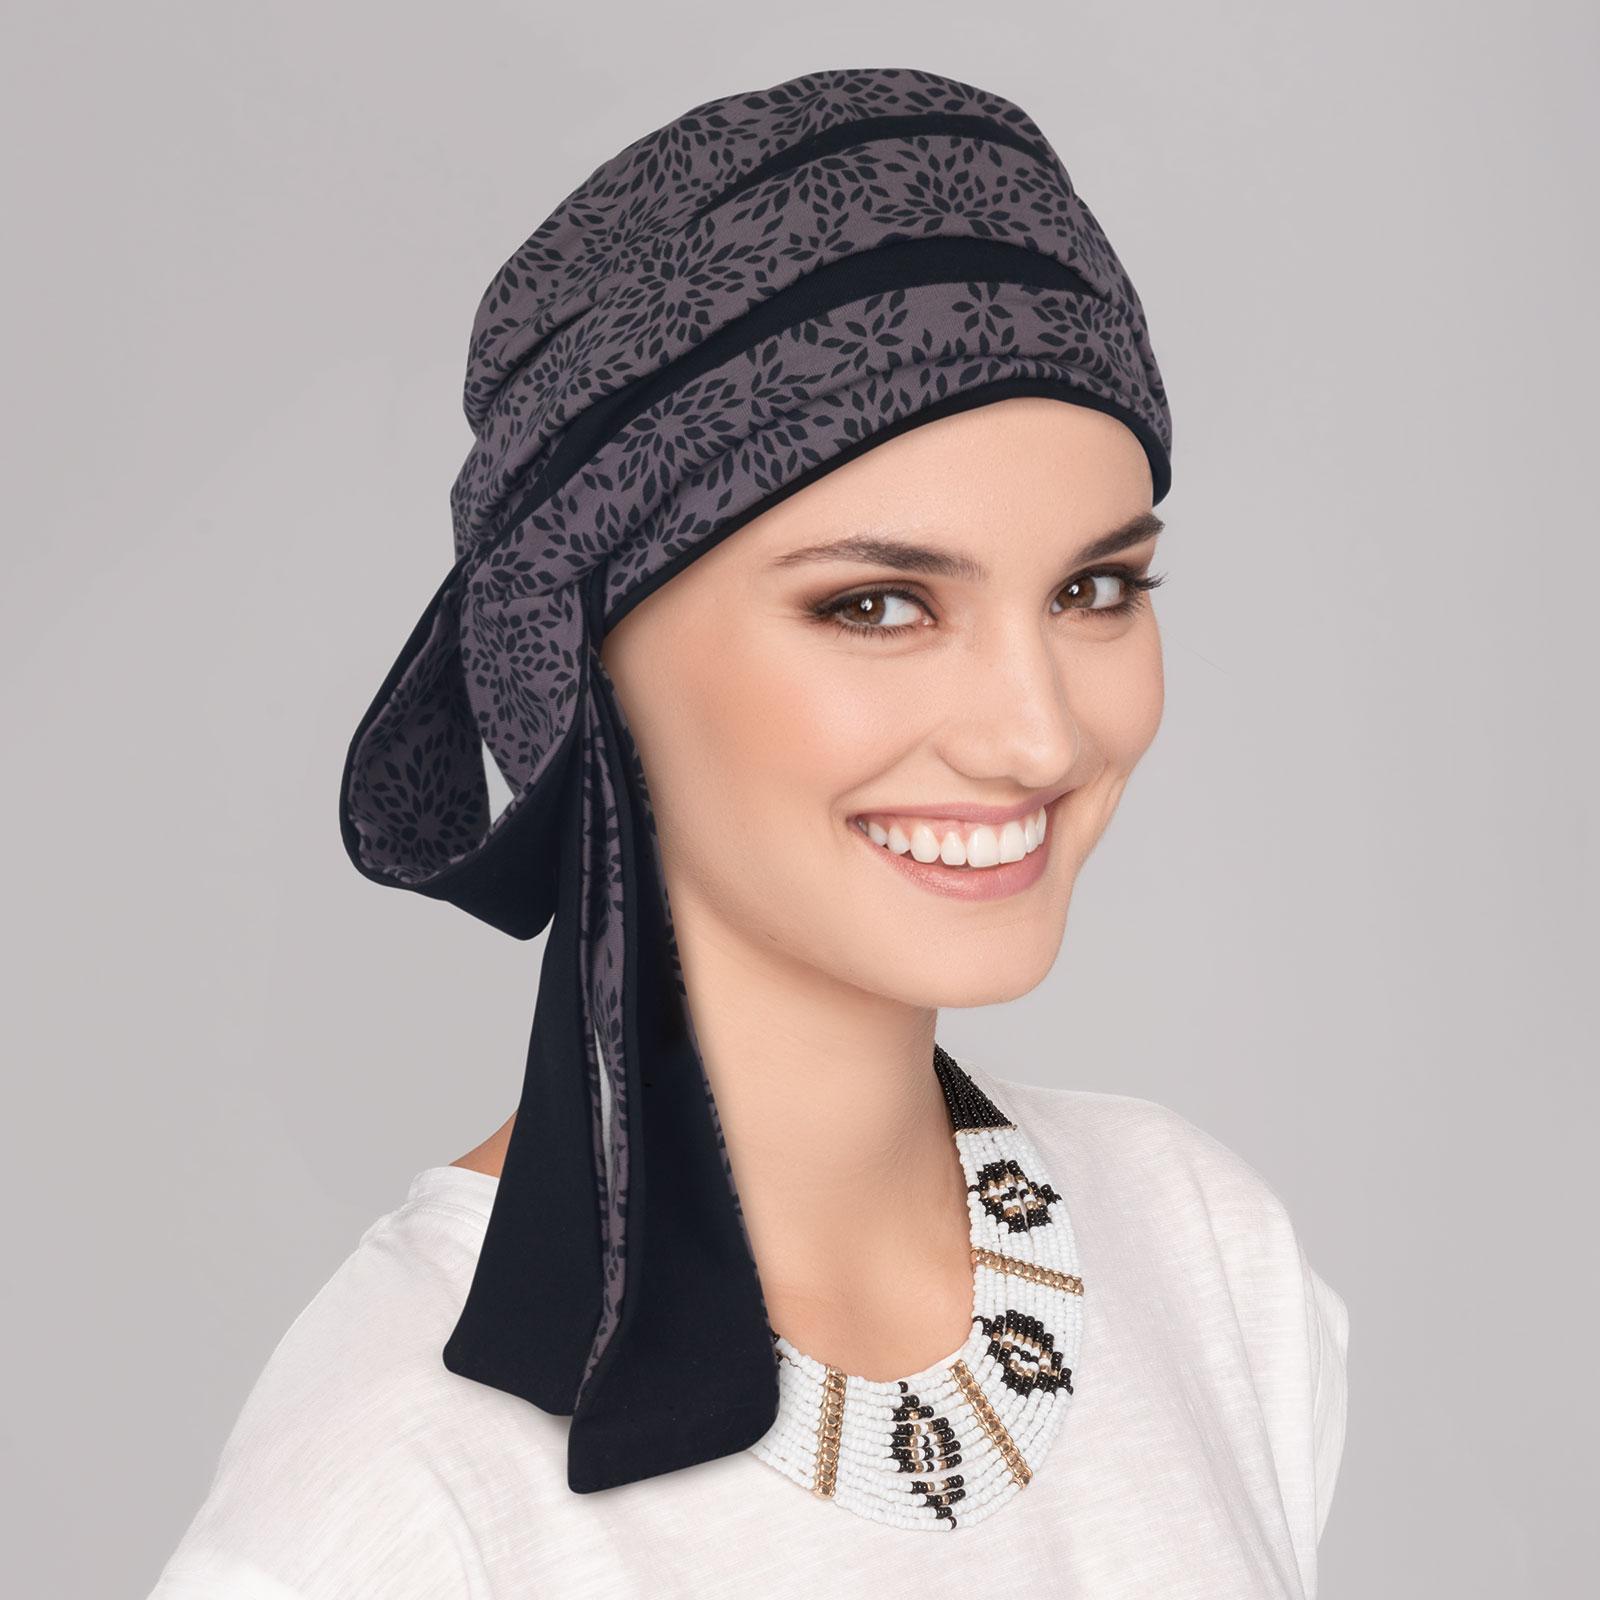 ellens headwear - ama